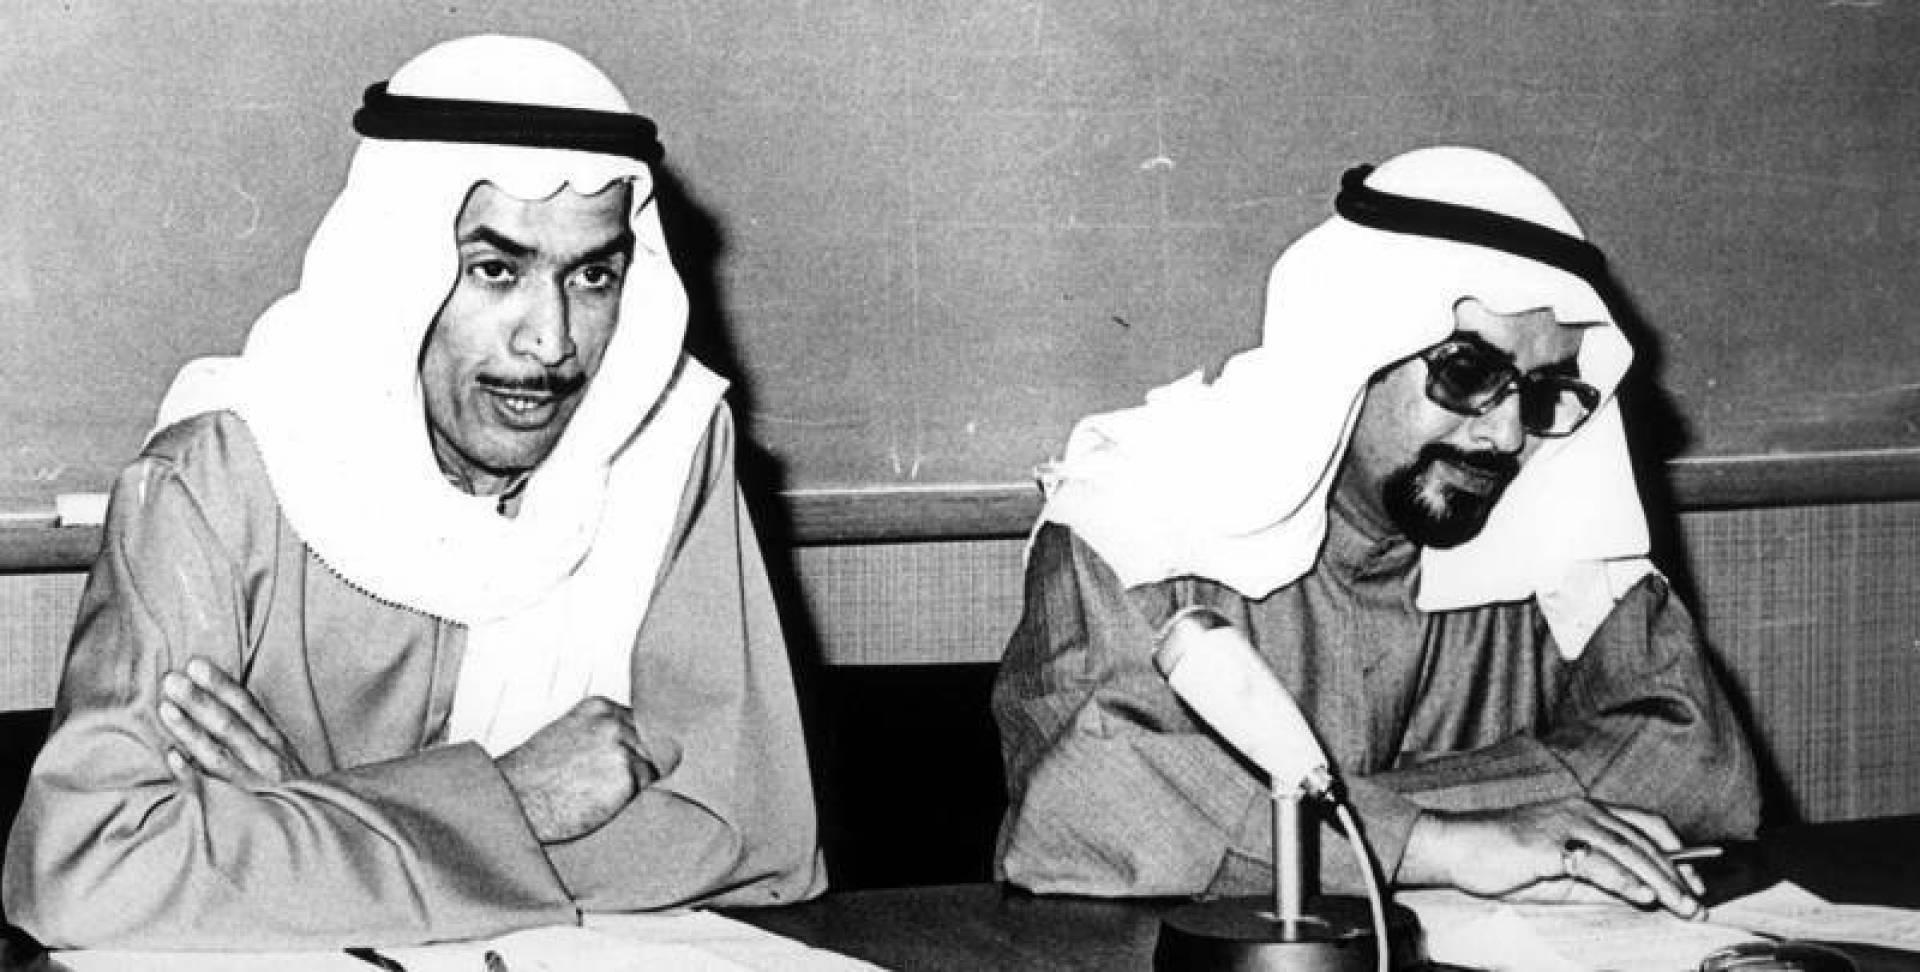 الدكتور الرميحي إلى اليمين، وإلى جانبه مقدمه السيد محمد القاضي.. أرشيفية